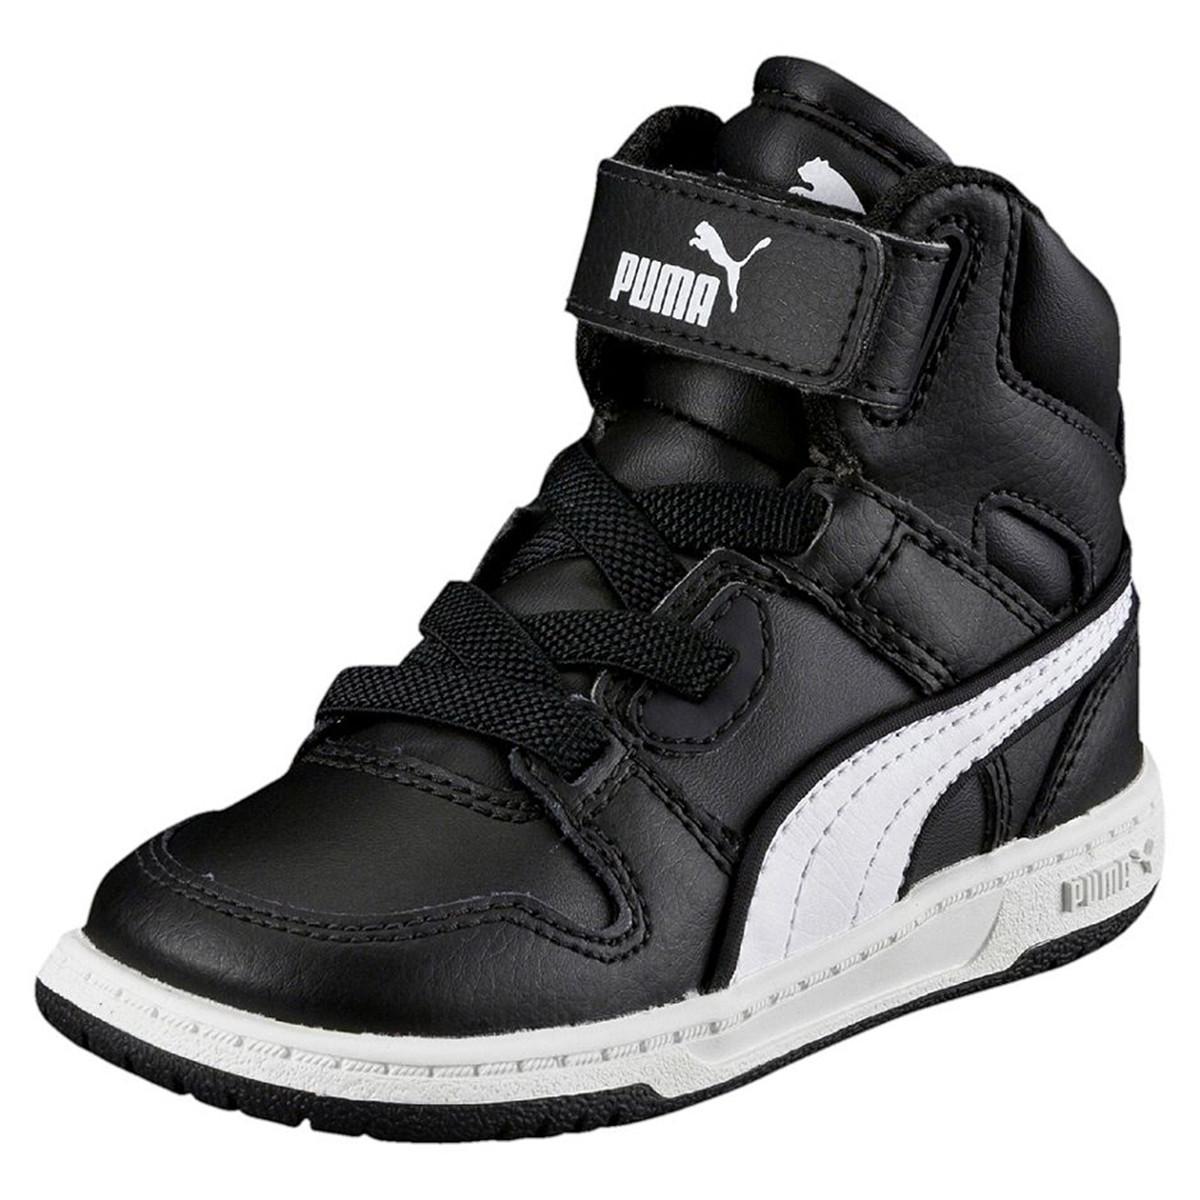 Baskets Pas Cher Street Puma Chaussure Rebound Noir Garçonbébé zCx6qgn0w